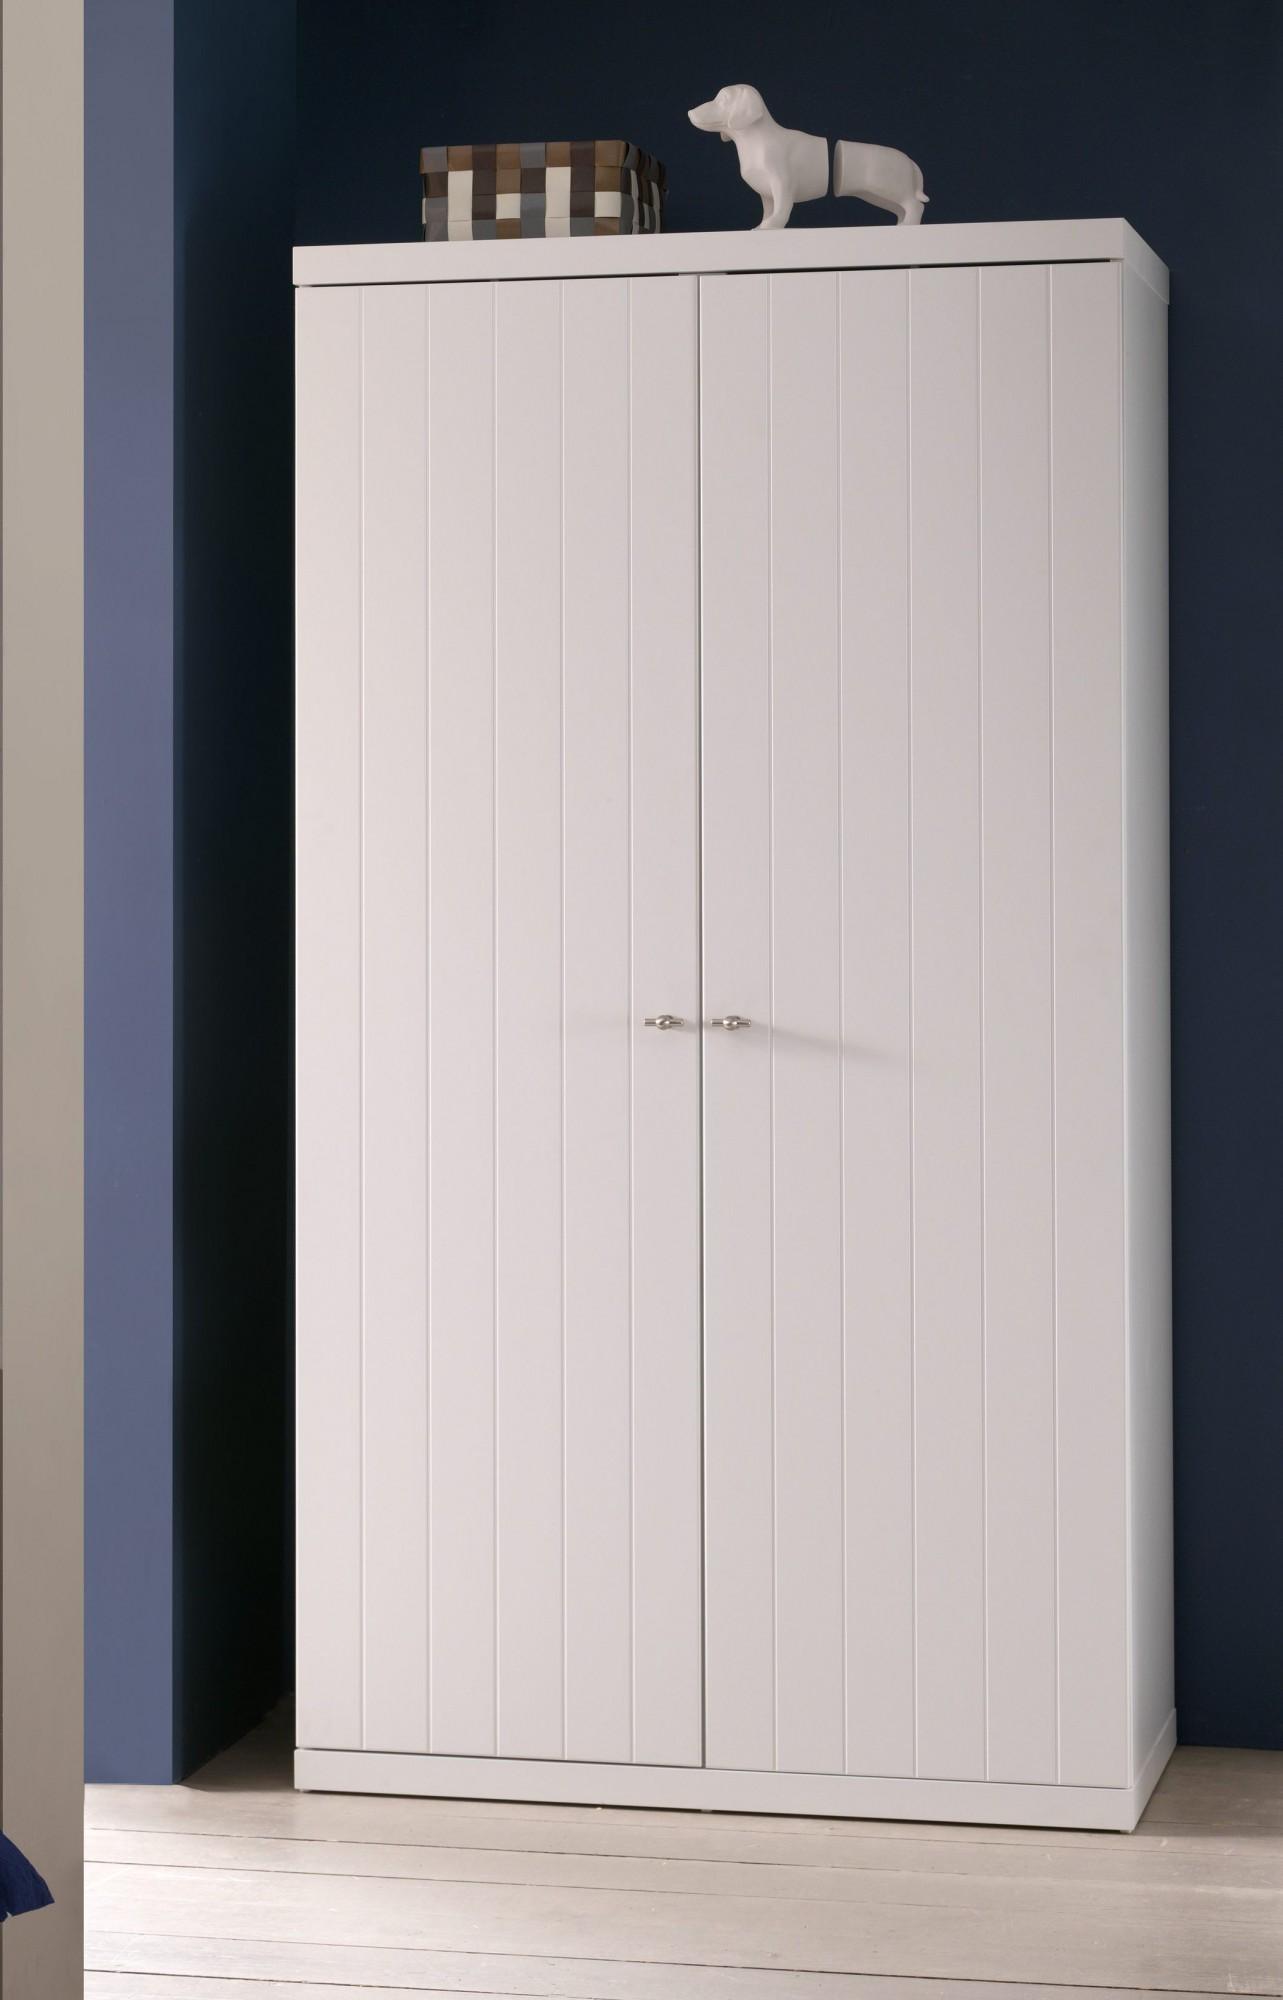 Kleiderschrank ROBIN   2 Türig   Weiß